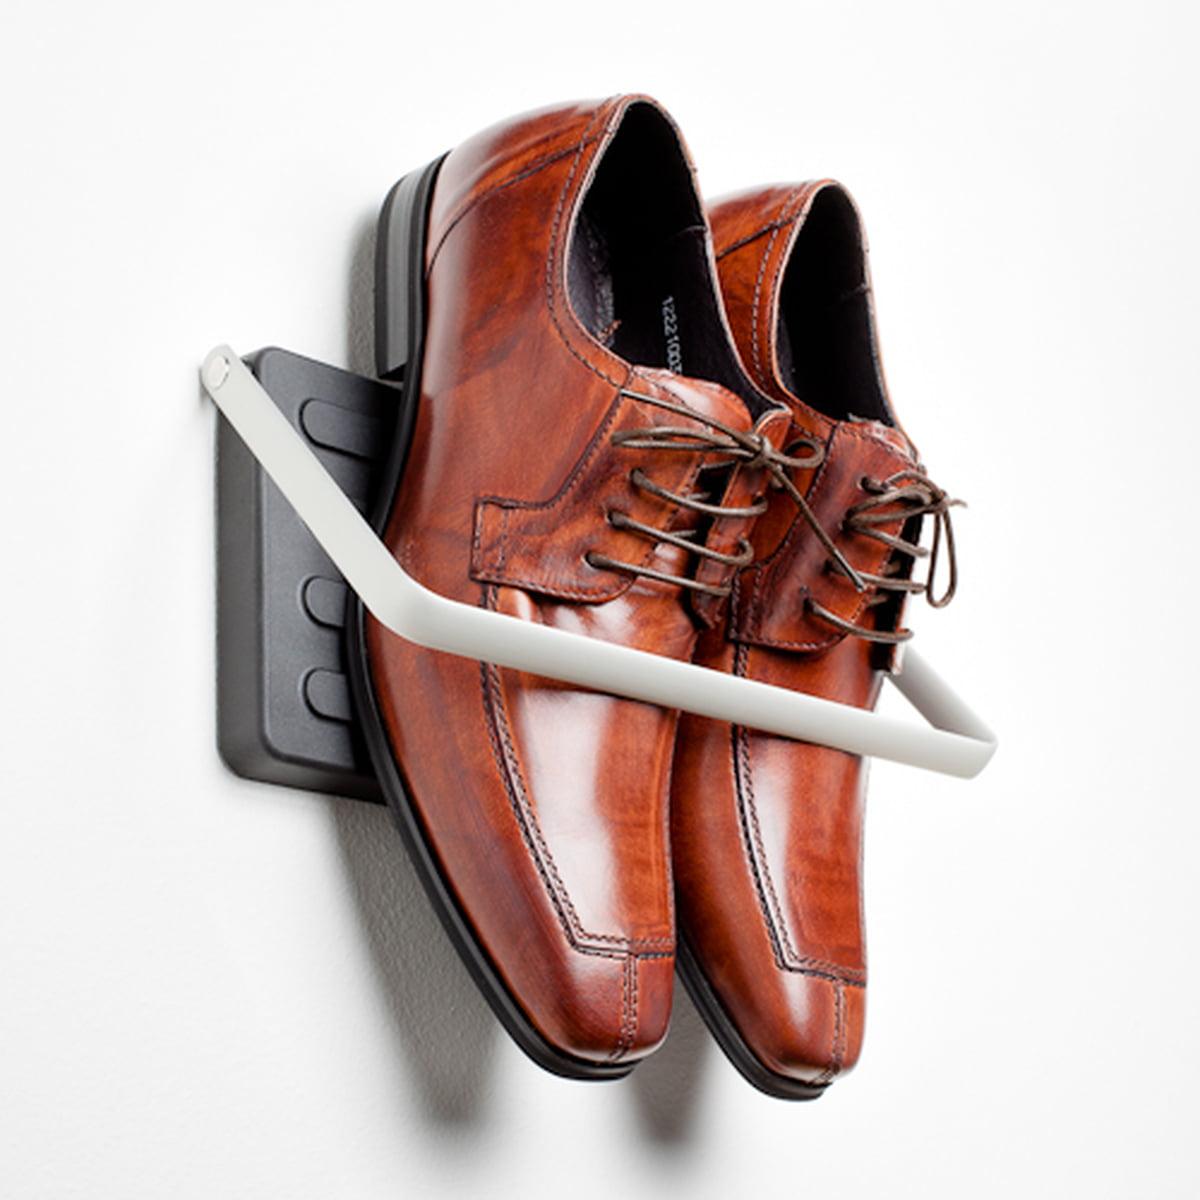 Rangement À Chaussures Gain De Place loca - knax zjup rangement à chaussures